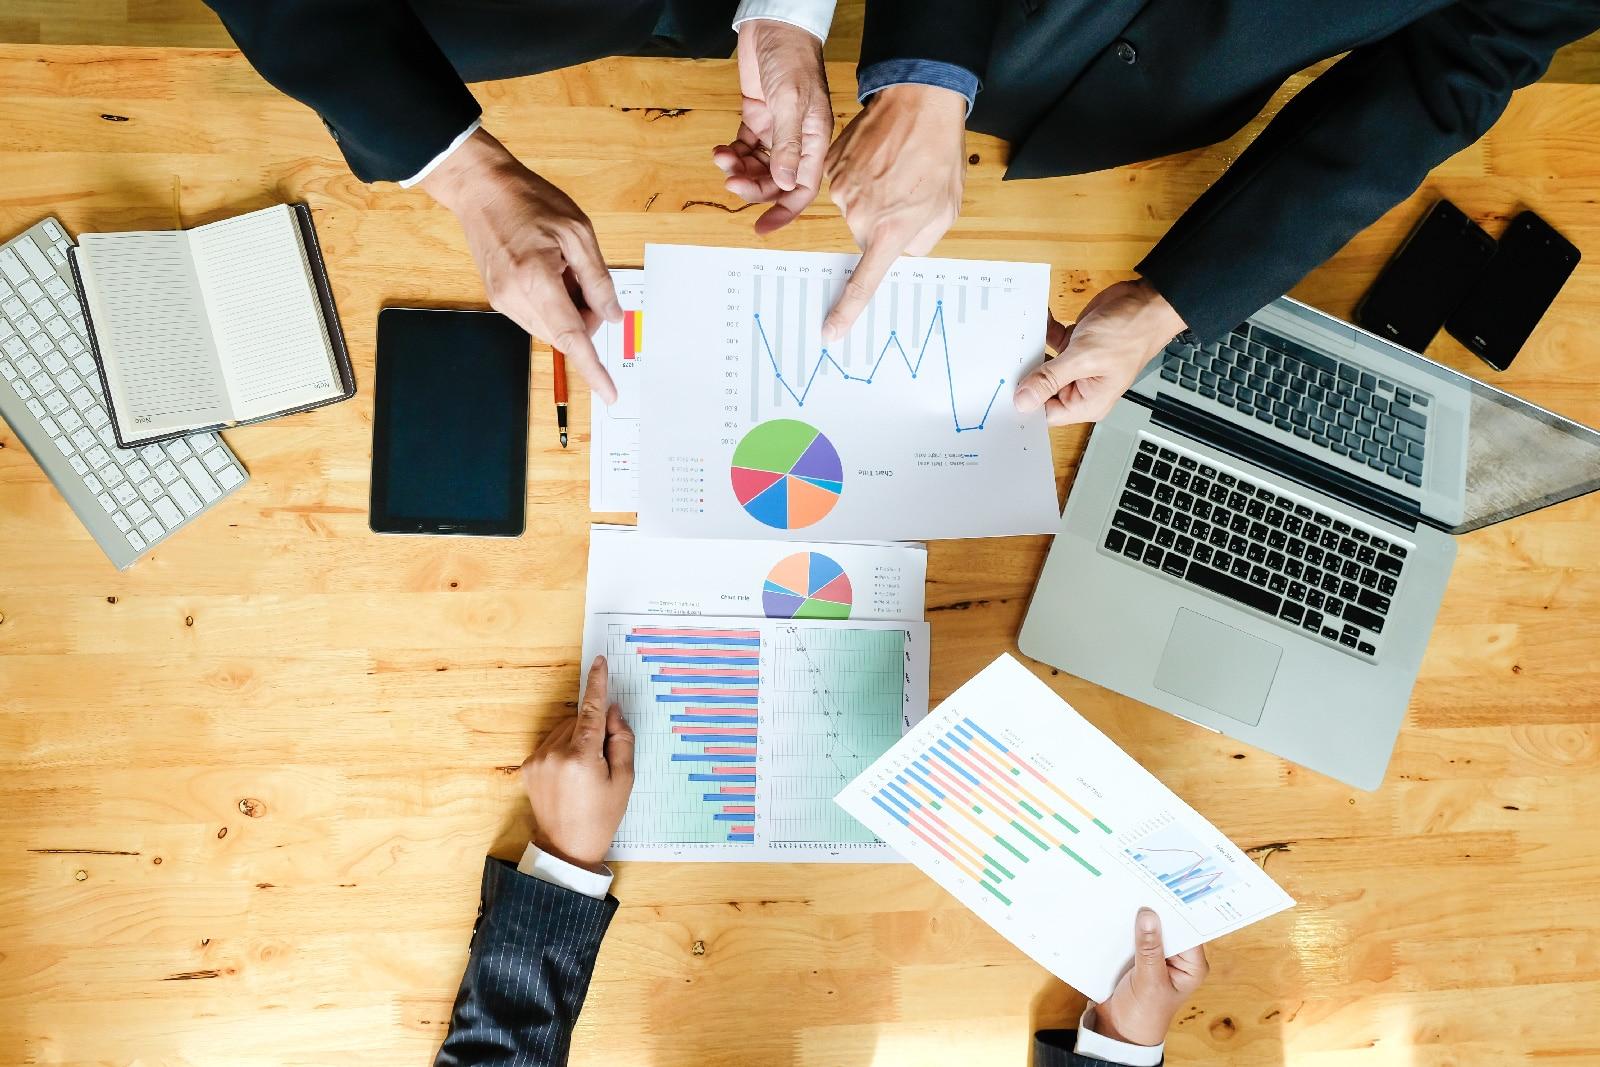 Réunion de définition d'une stratégie d'entreprise